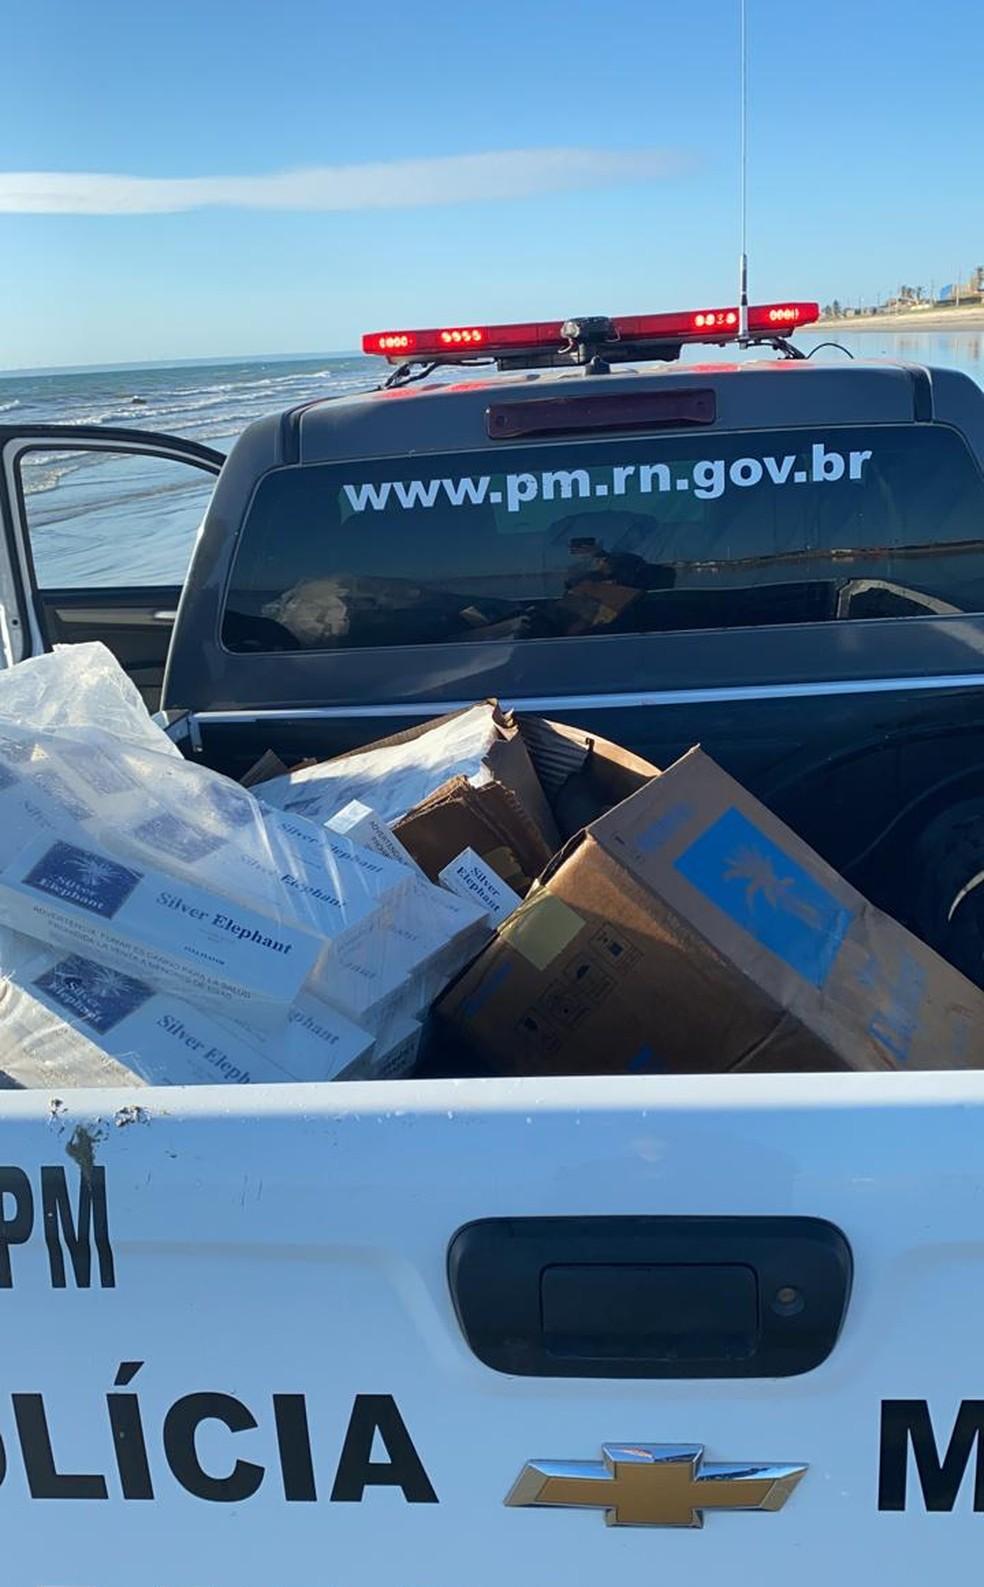 Caminhonete da PM cheia de caixas de cigarro apreendidas após serem encontradas no mar em Tibau, no RN — Foto: Cedida